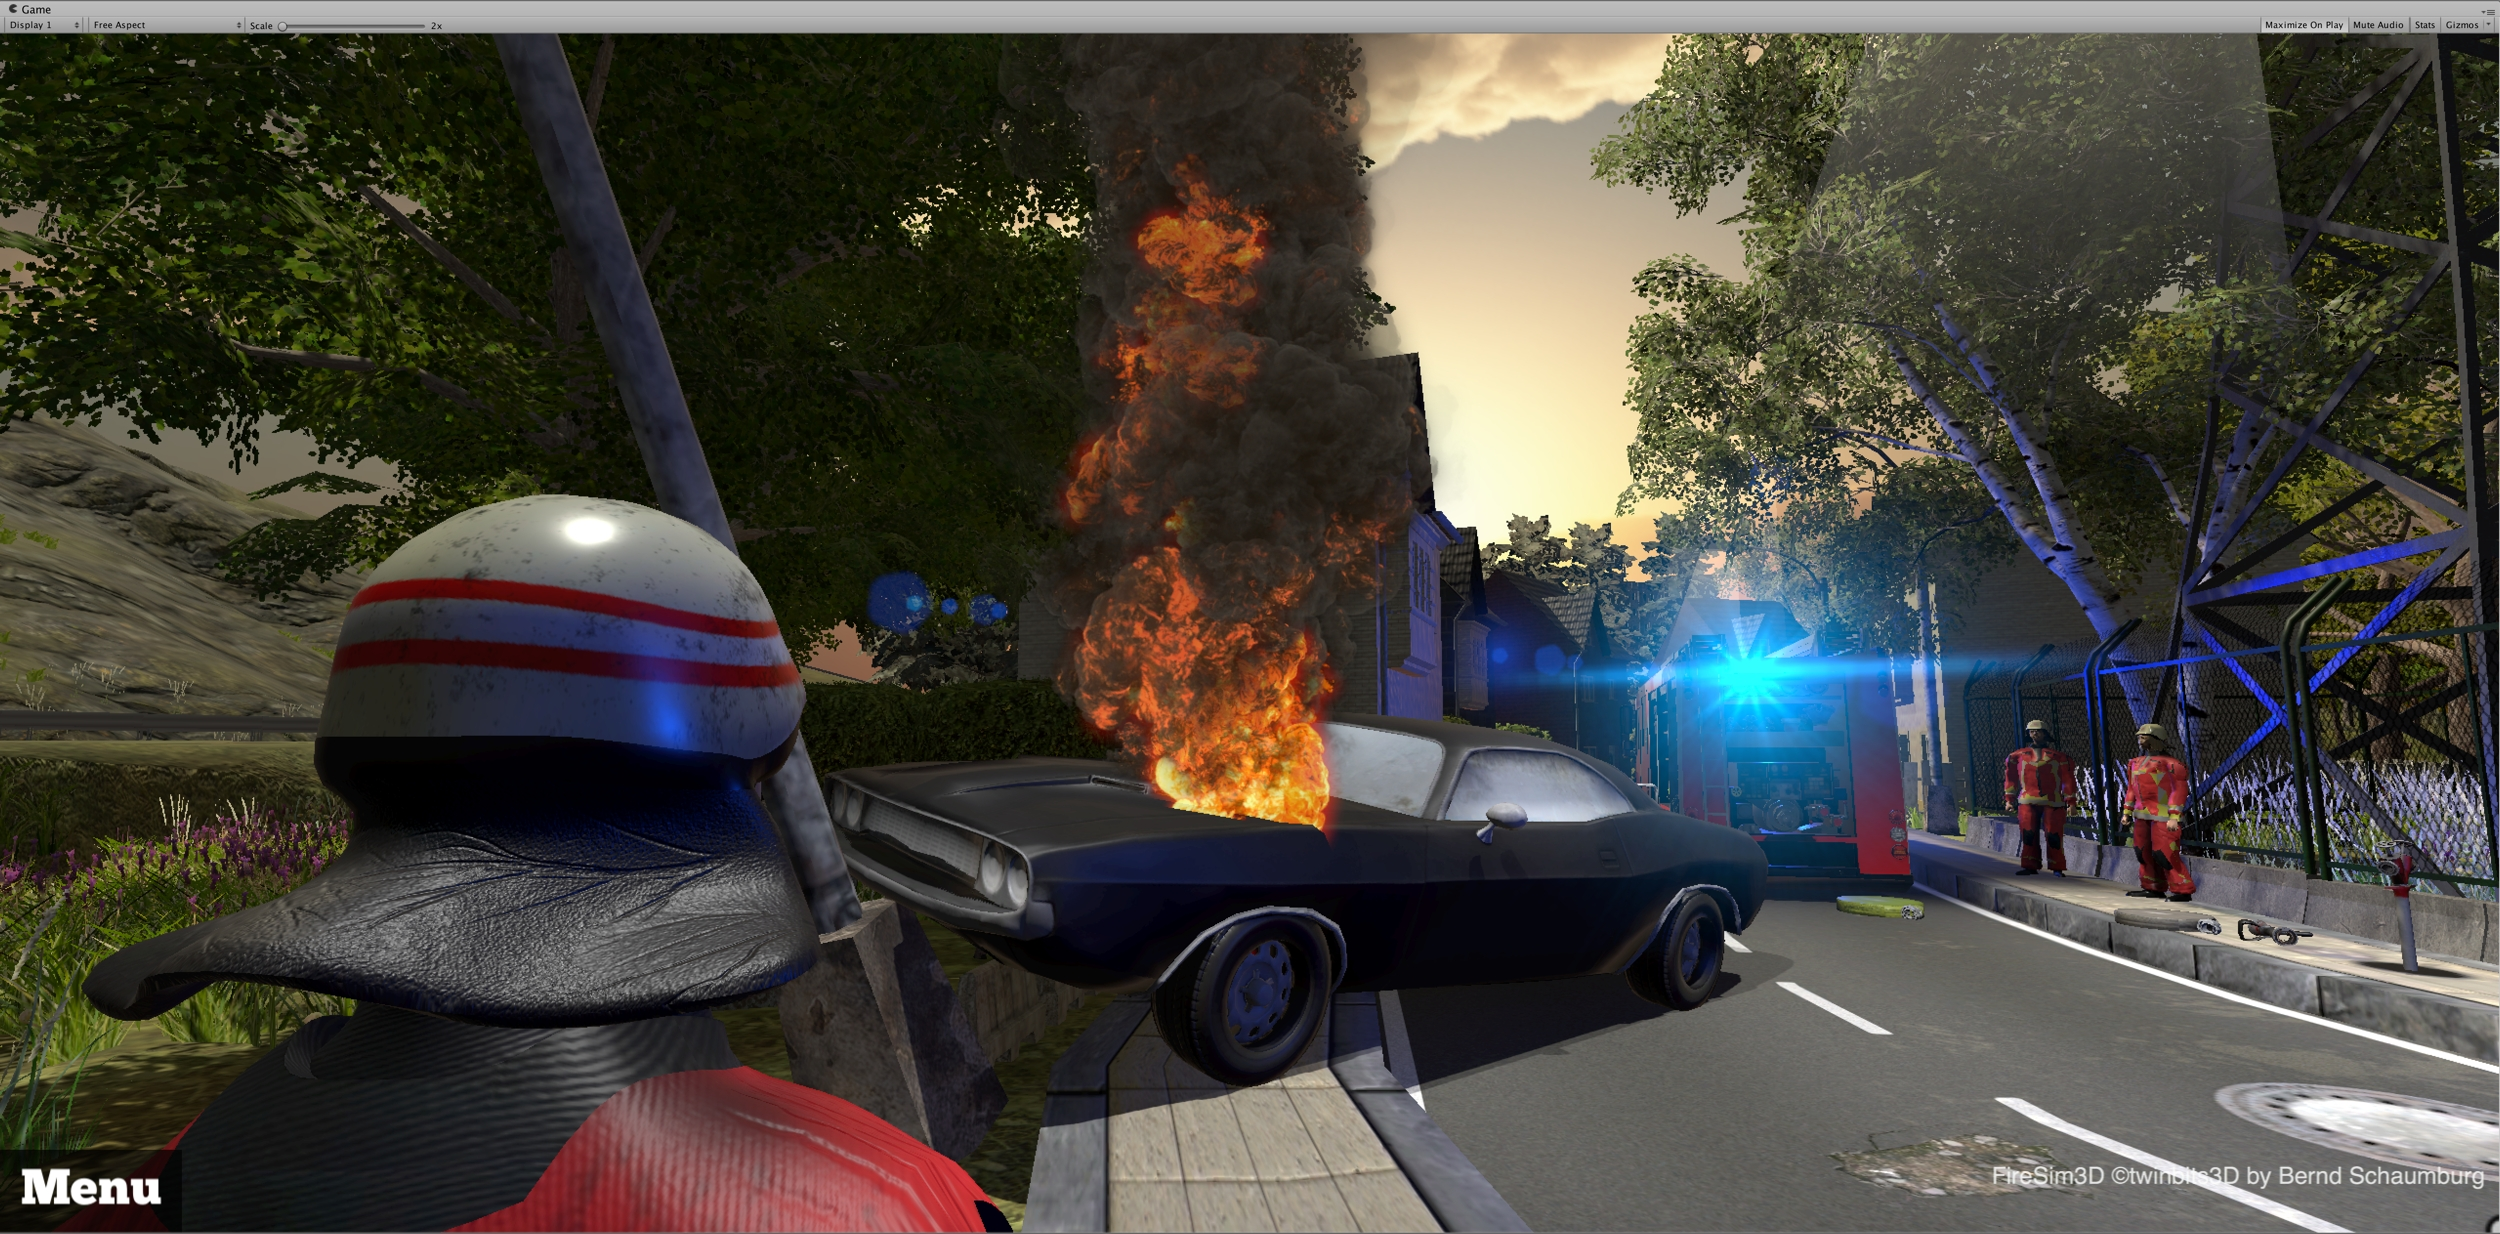 FireSim3D